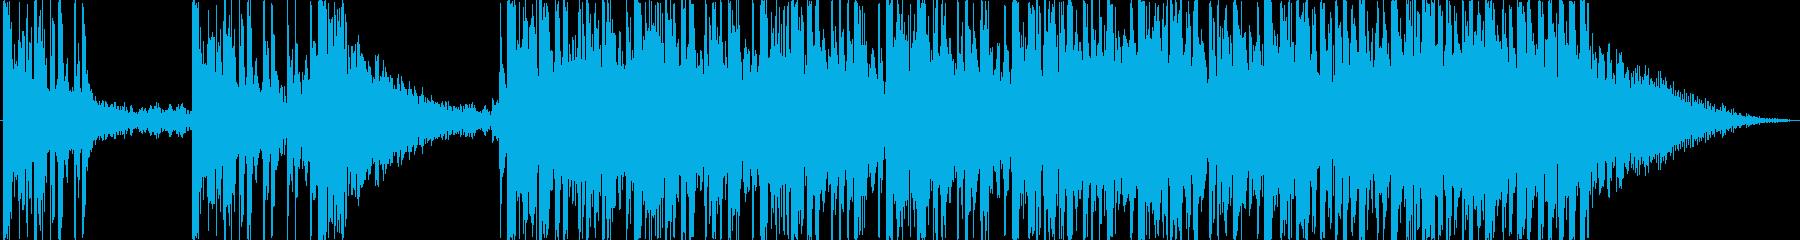 アコーステック アクション エスニ...の再生済みの波形